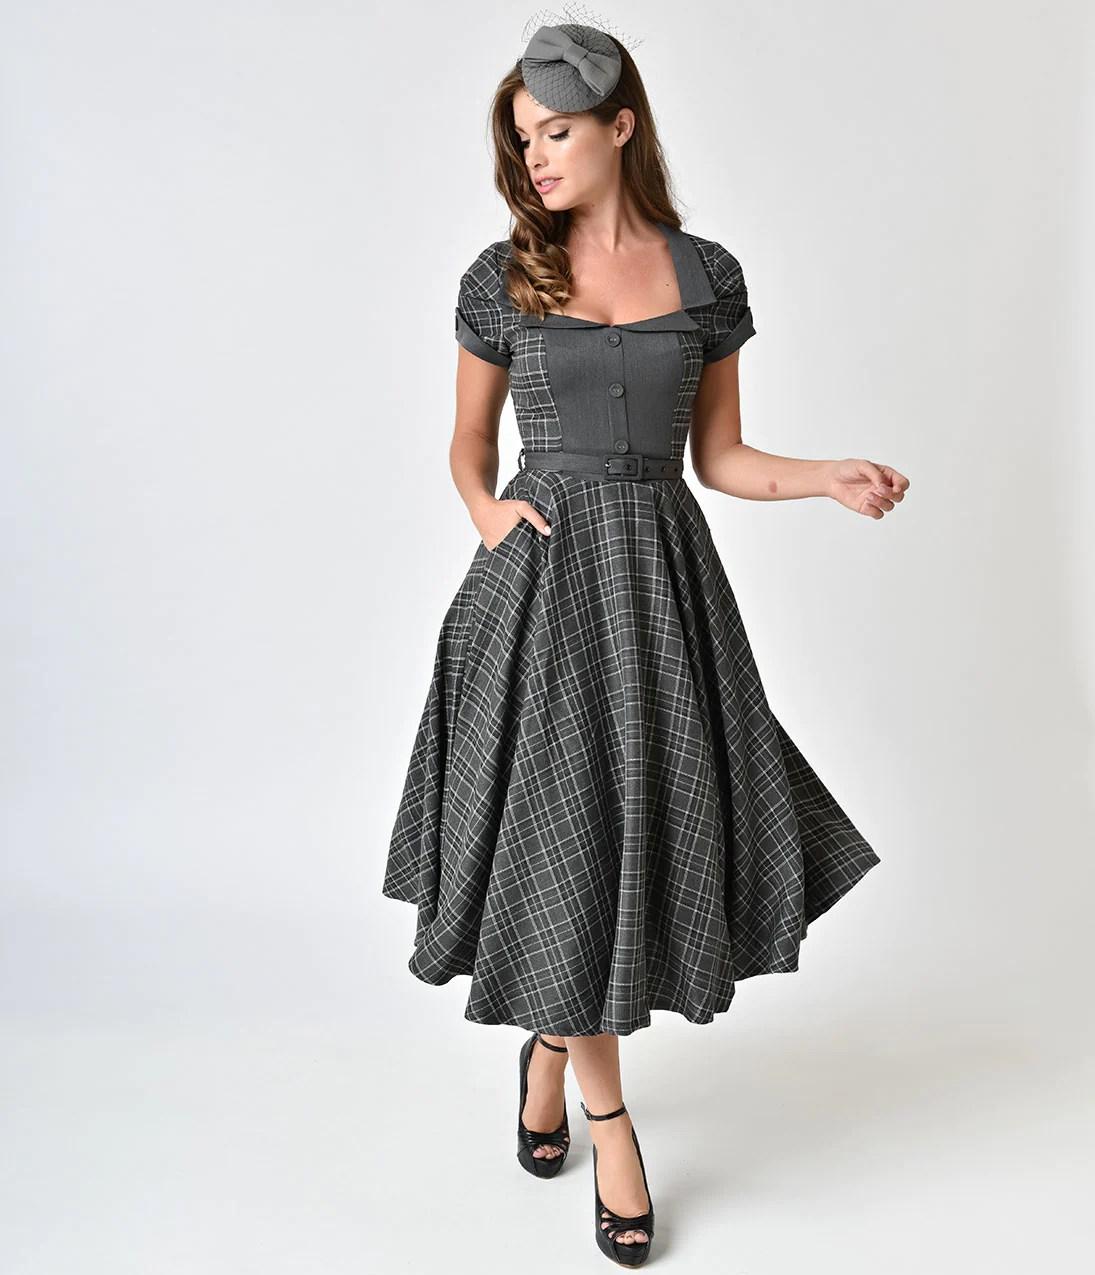 1940s Dress Fashion Style